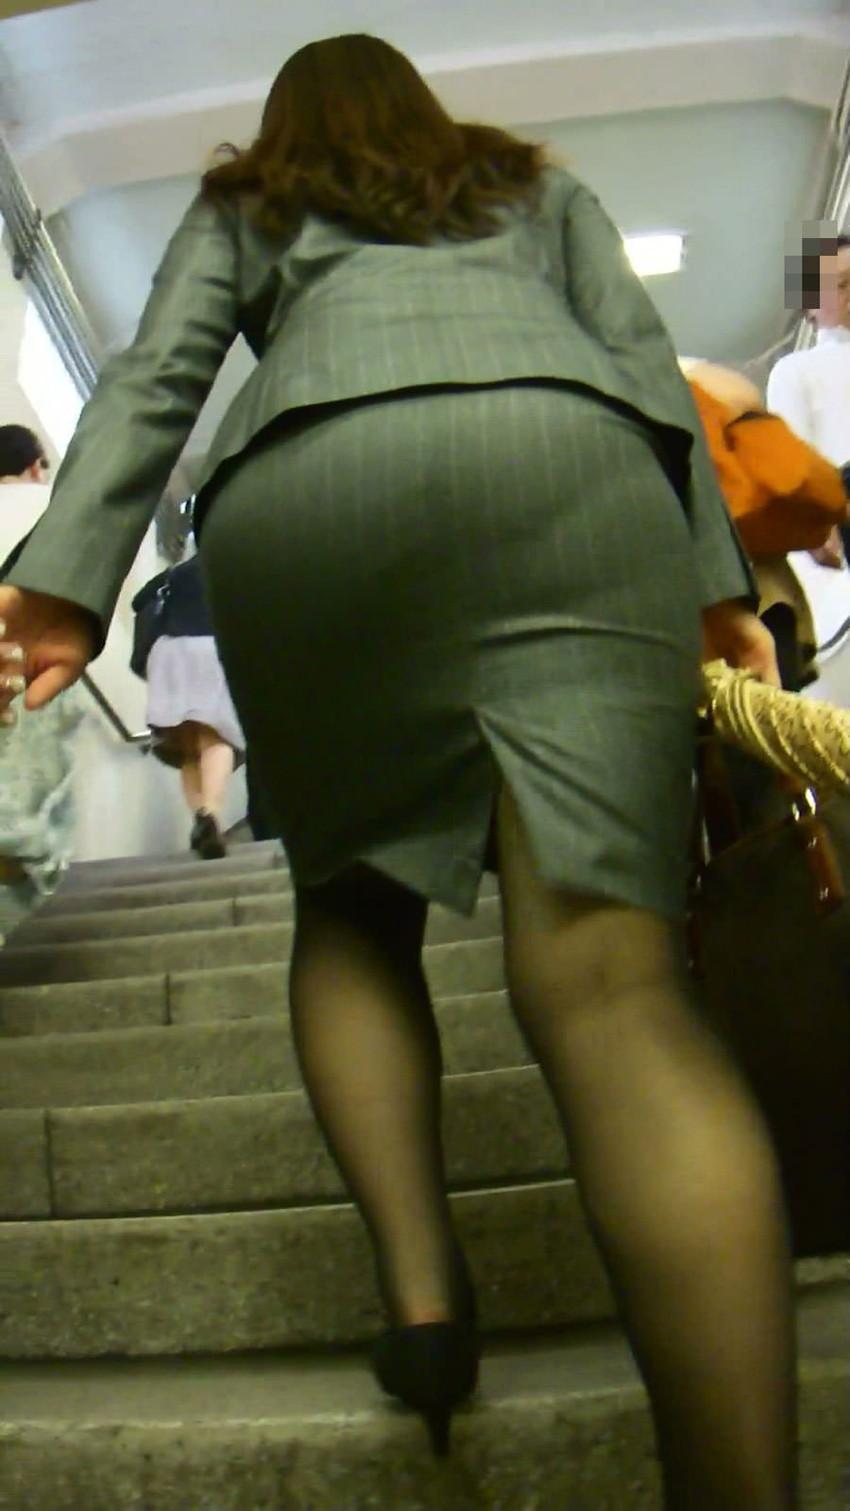 【パンツの線エロ画像】パンティーラインがくっきり見えるズボンやスカートを履いた素人女子を尾行盗撮してるパンツの線のエロ画像集!w【80枚】 49